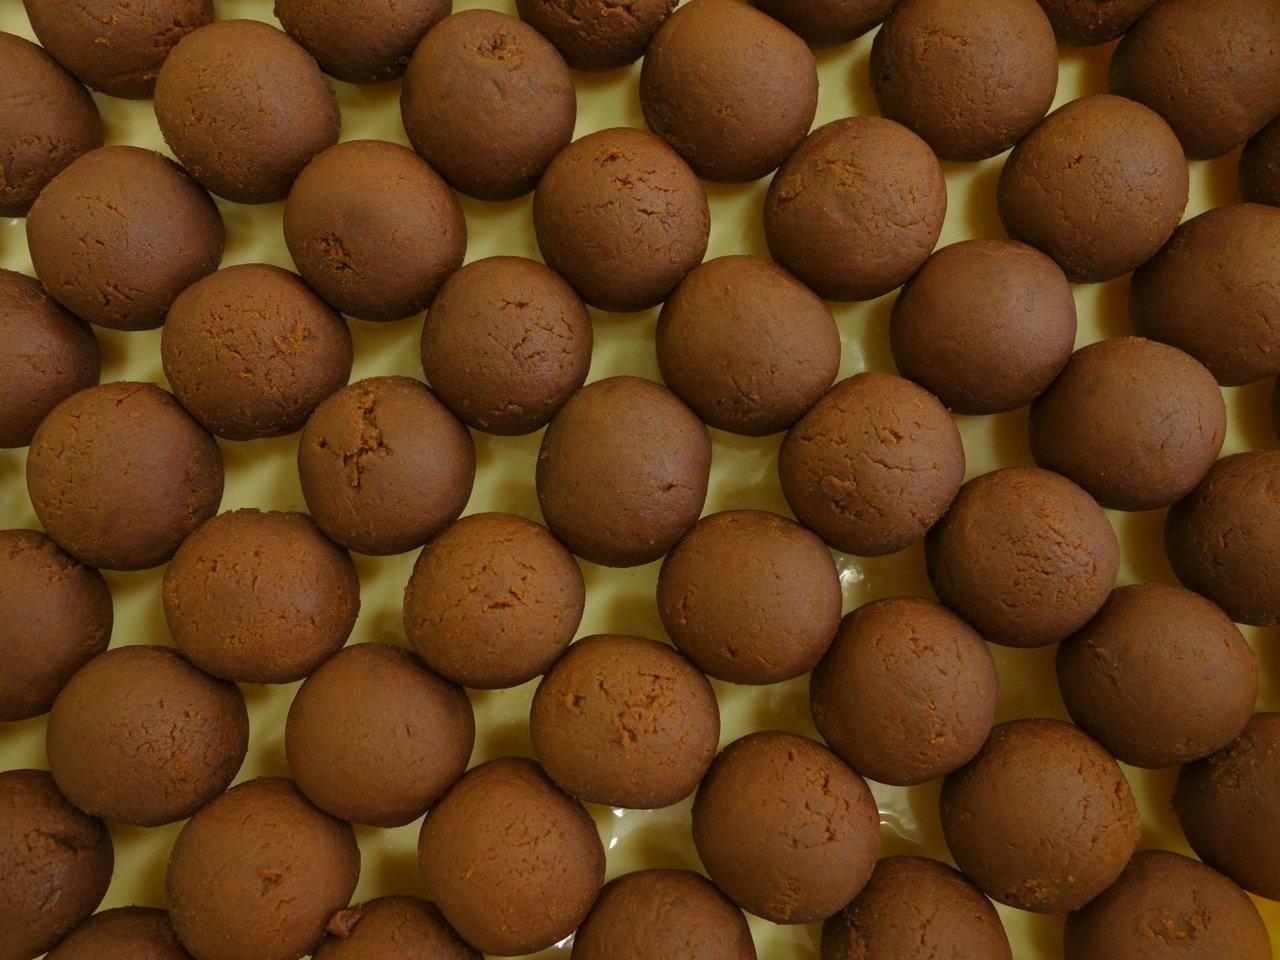 羊羹×チョコレートの和バレンタインはいかが?山梨県の老舗和菓子店「澤田屋」が作るまぁるいお菓子。